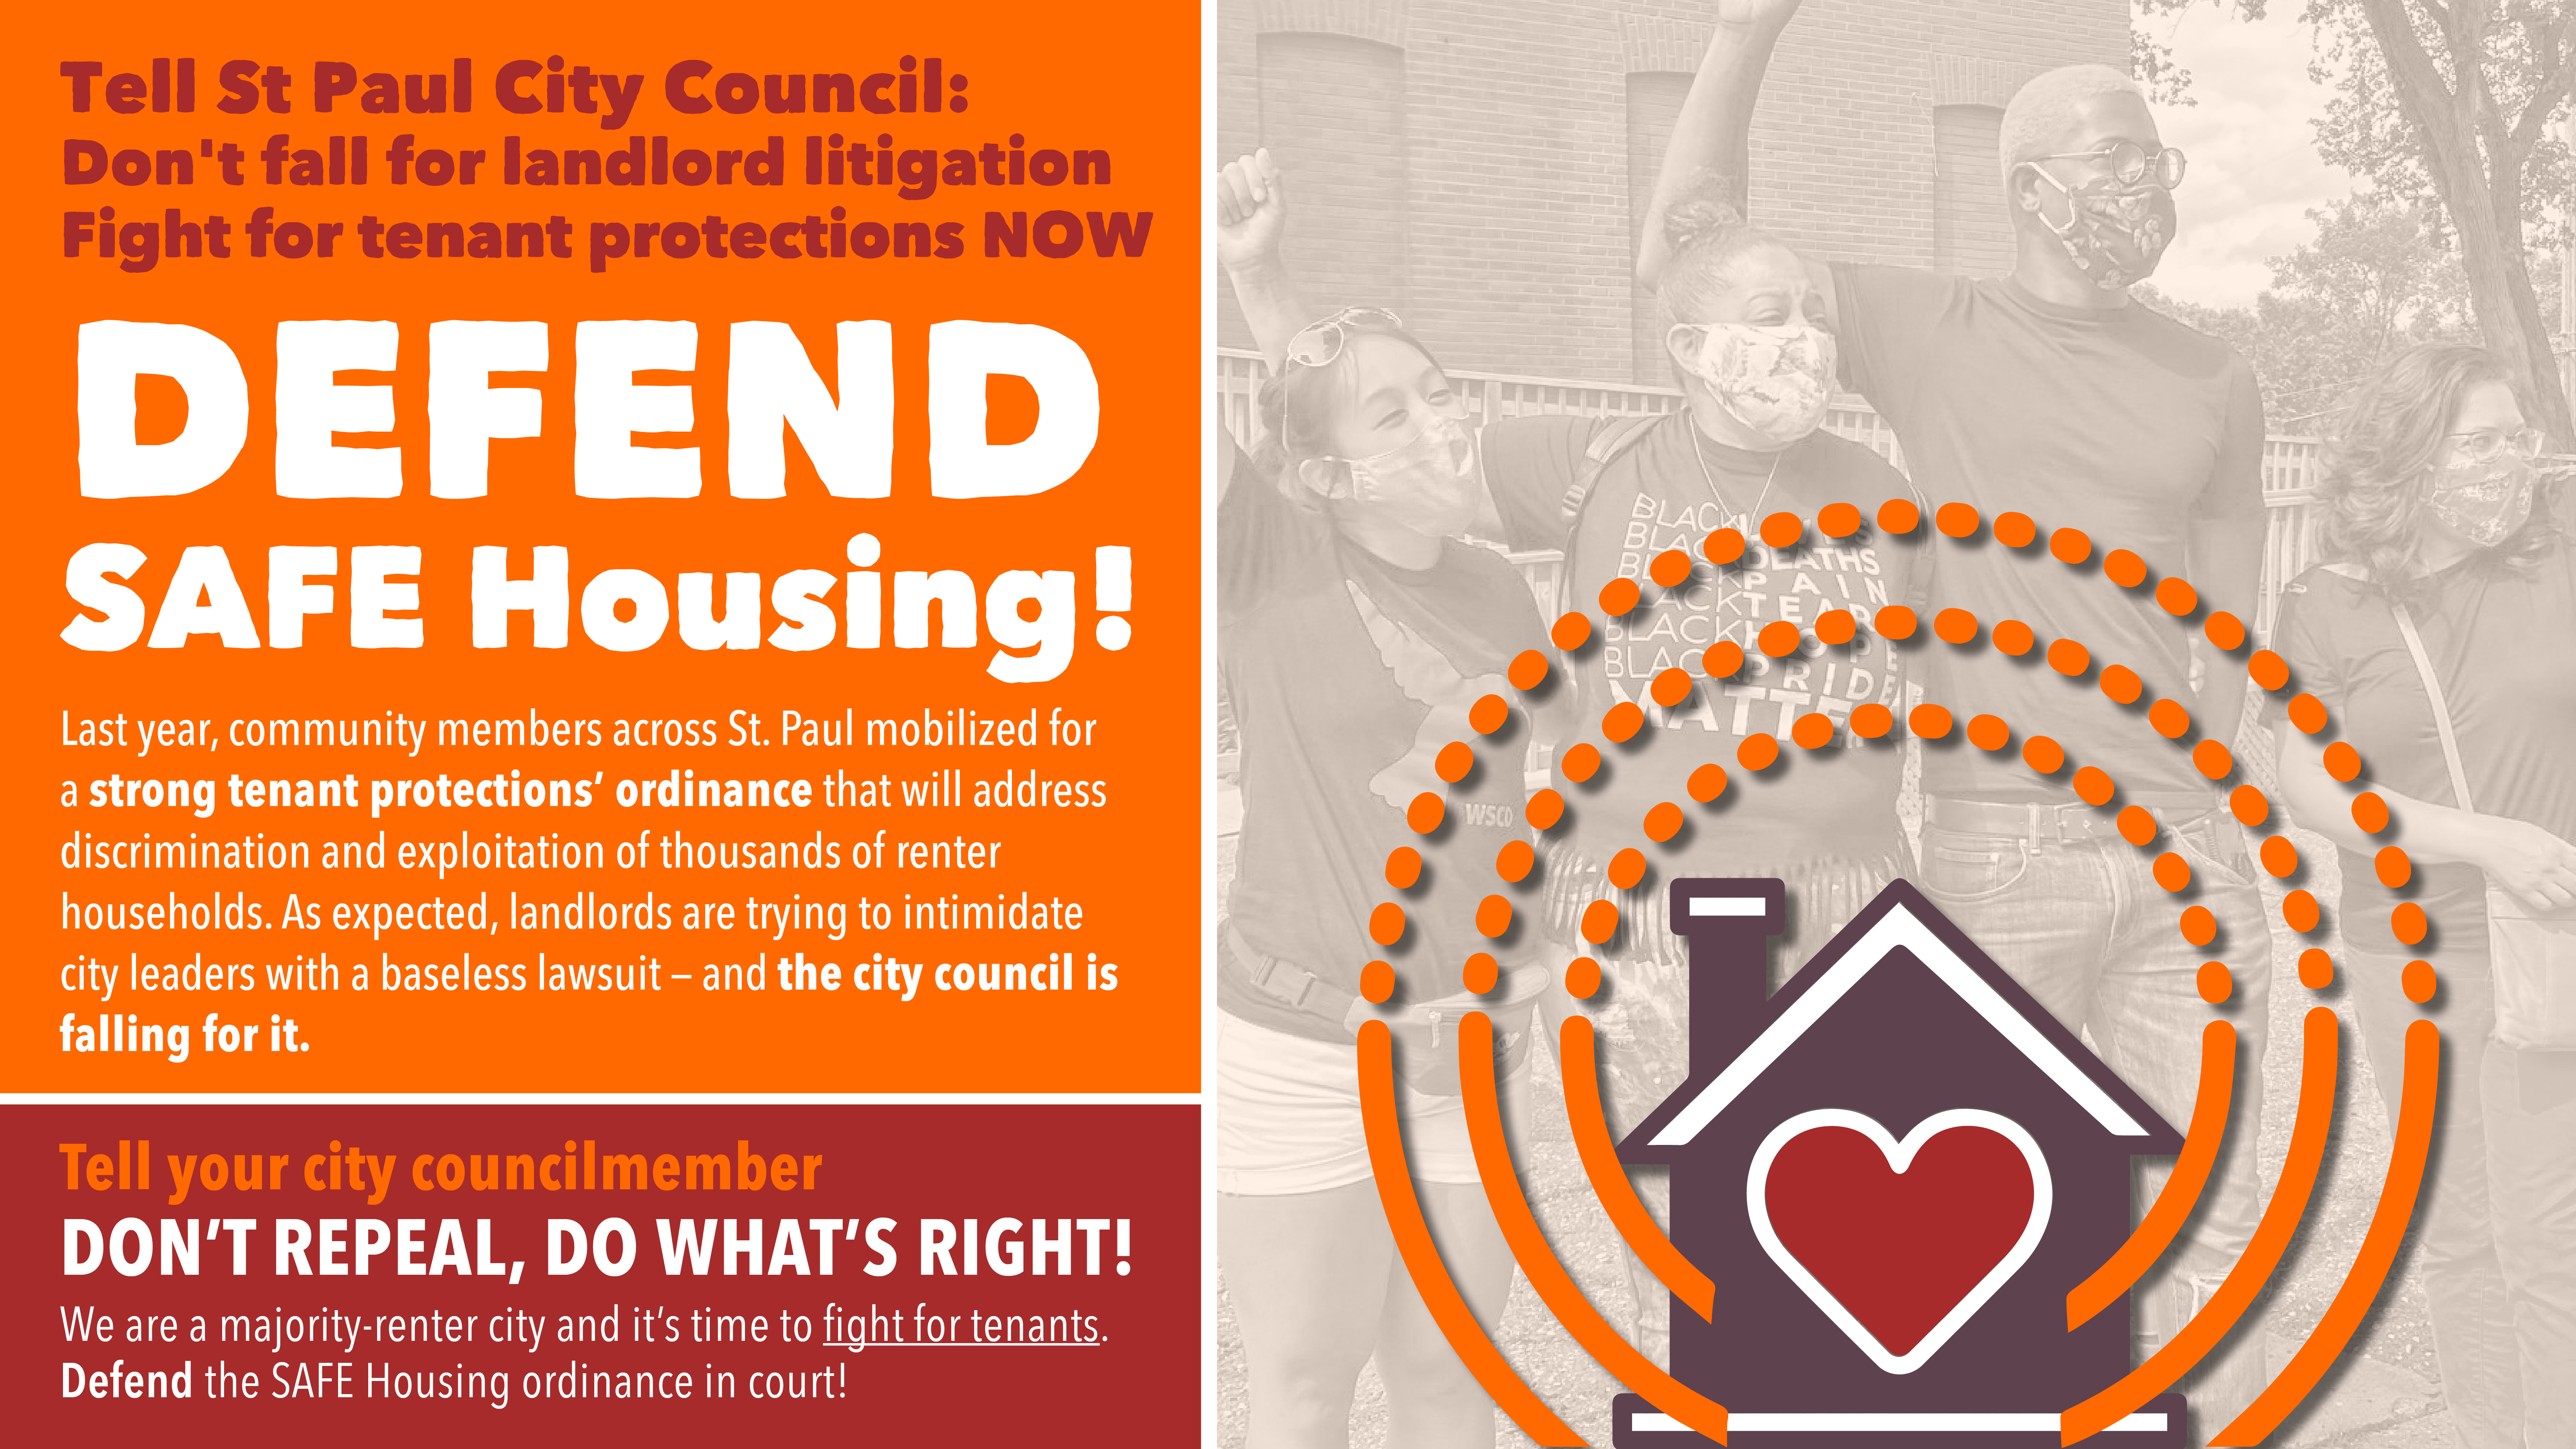 defend safe housing